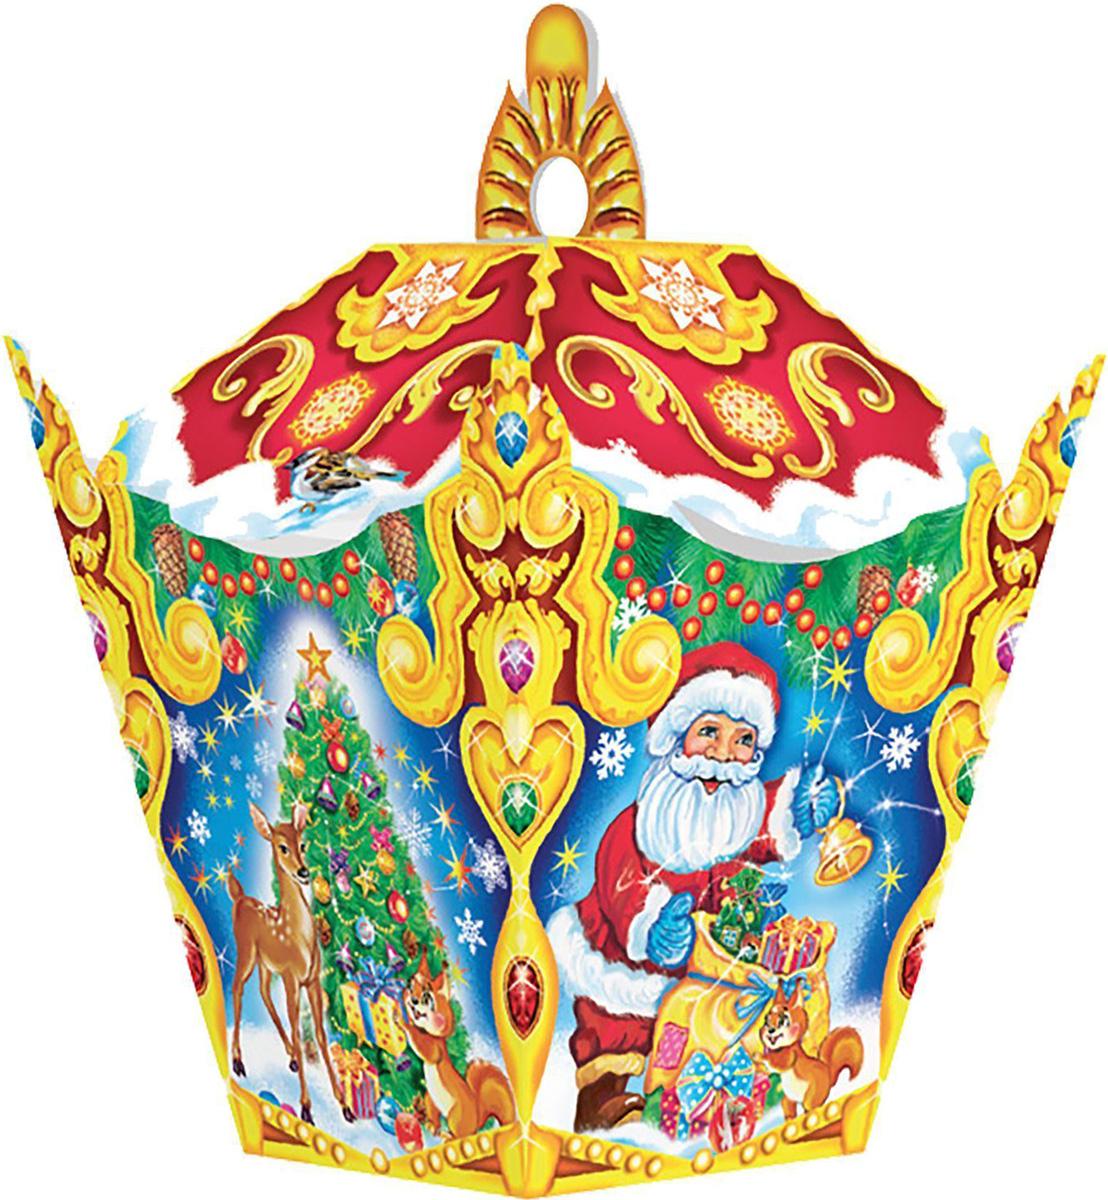 Коробка подарочная Sima-land Фонарик резной, сборная, 13 х 13 х 13,5 см1188242Любой подарок начинается с упаковки. Что может быть трогательнее и волшебнее, чем ритуал разворачивания полученного презента. И именно оригинальная, со вкусом выбранная упаковка выделит ваш подарок из массы других. Подарочная сборная коробка Sima-land продемонстрирует самые теплые чувства к виновнику торжества и создаст сказочную атмосферу праздника.